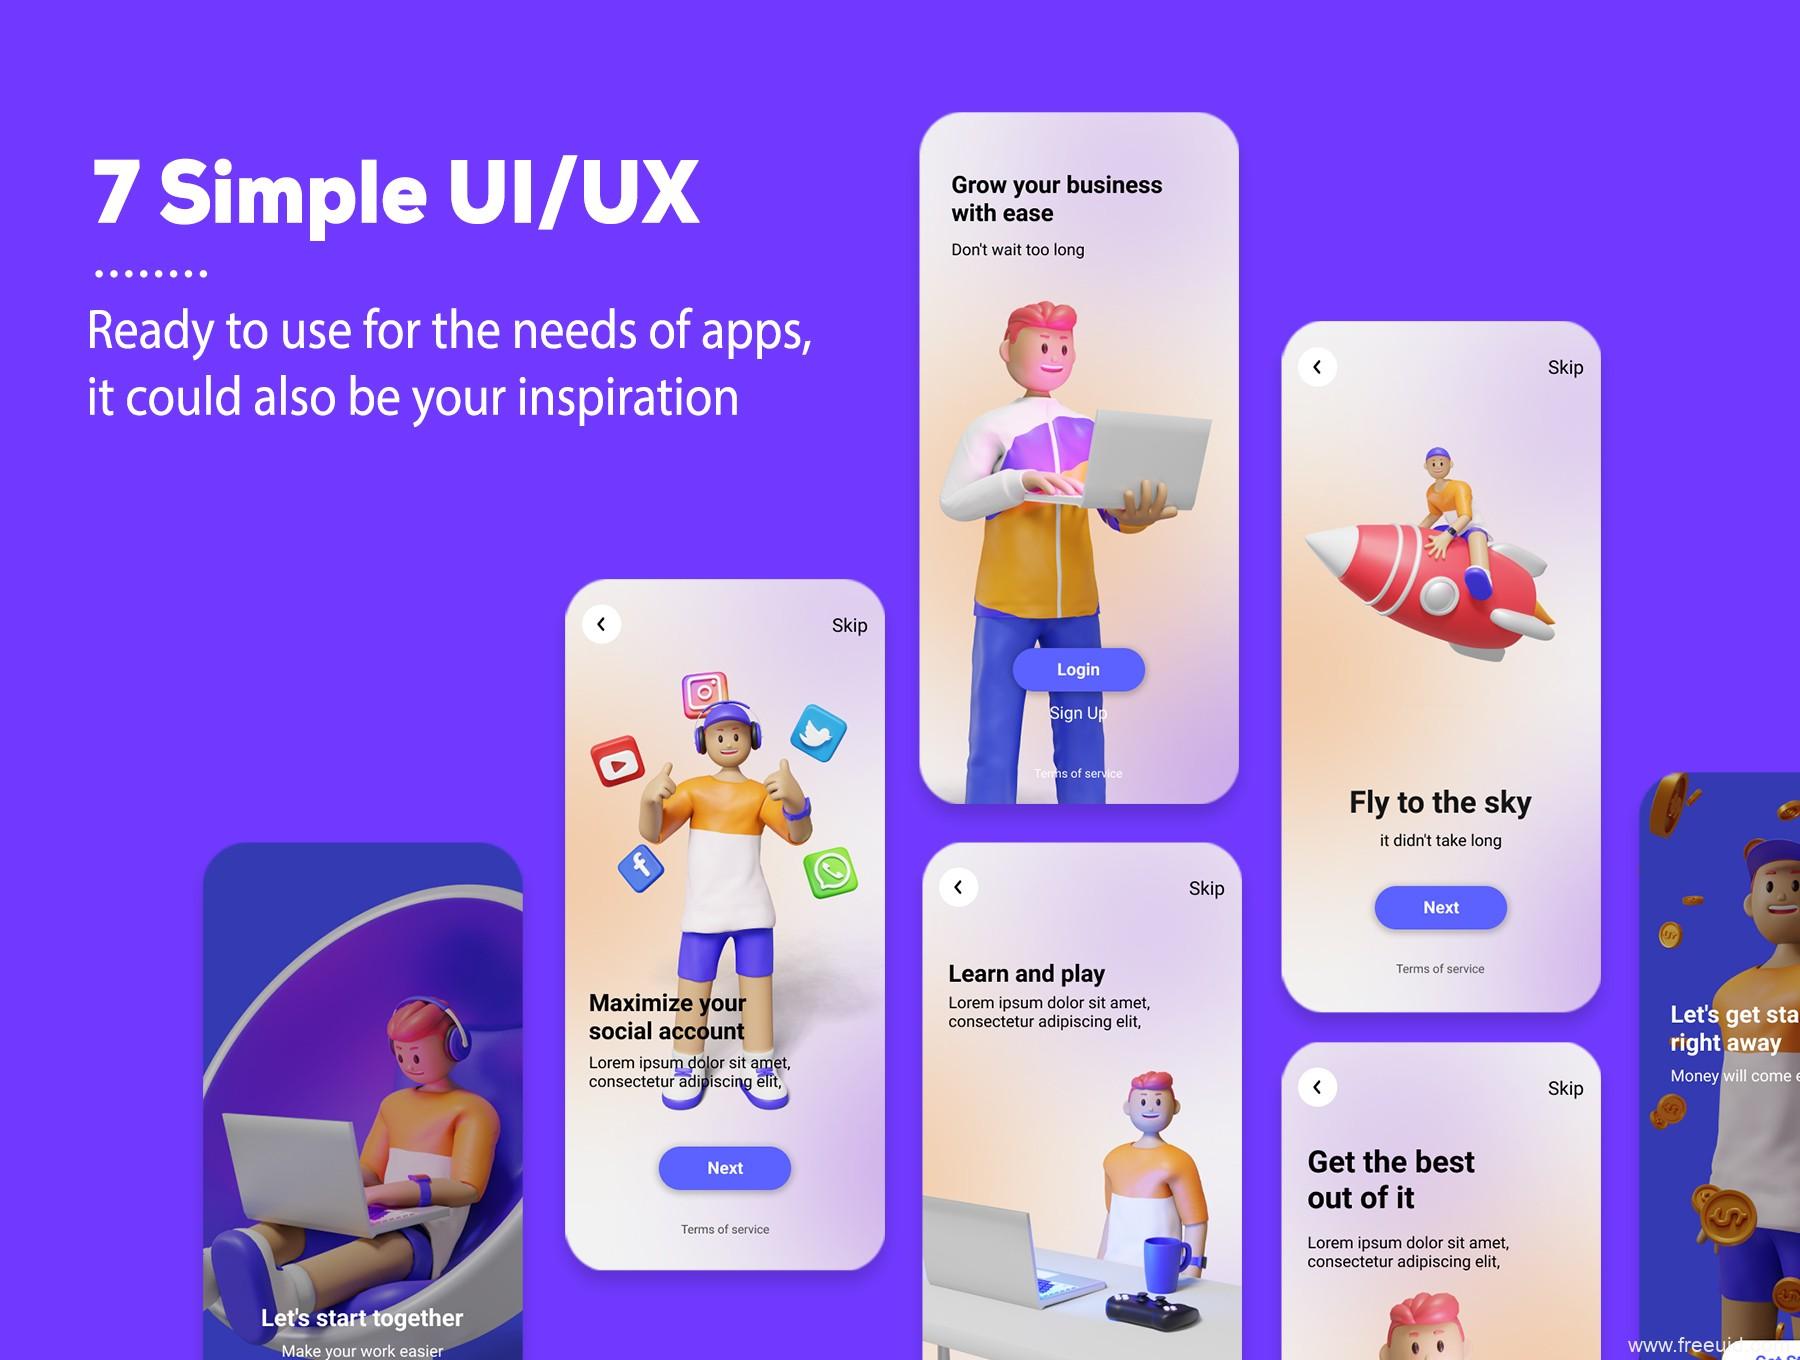 年轻时尚的3D人物角色插画源文件,UI 3D插画网页3d人物角色blend源文件下载